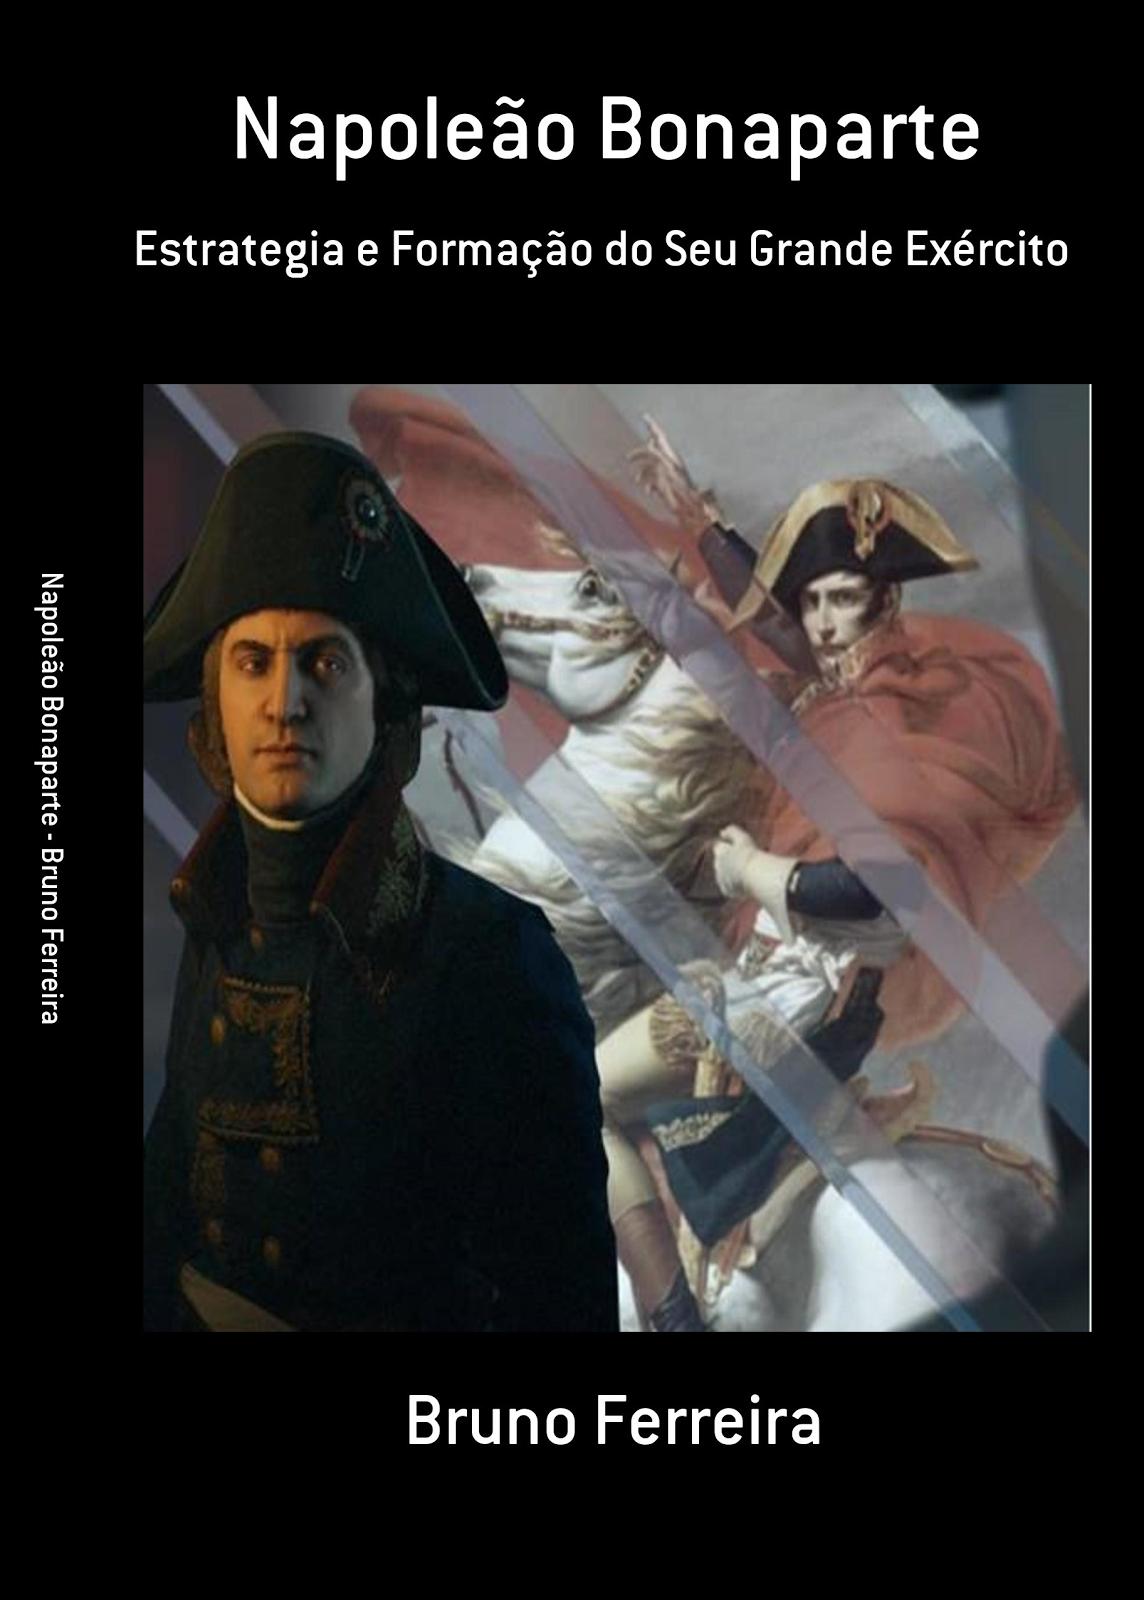 Napoleão Bonaparte: Estrategias e a Formação do Seu Grande Exercito